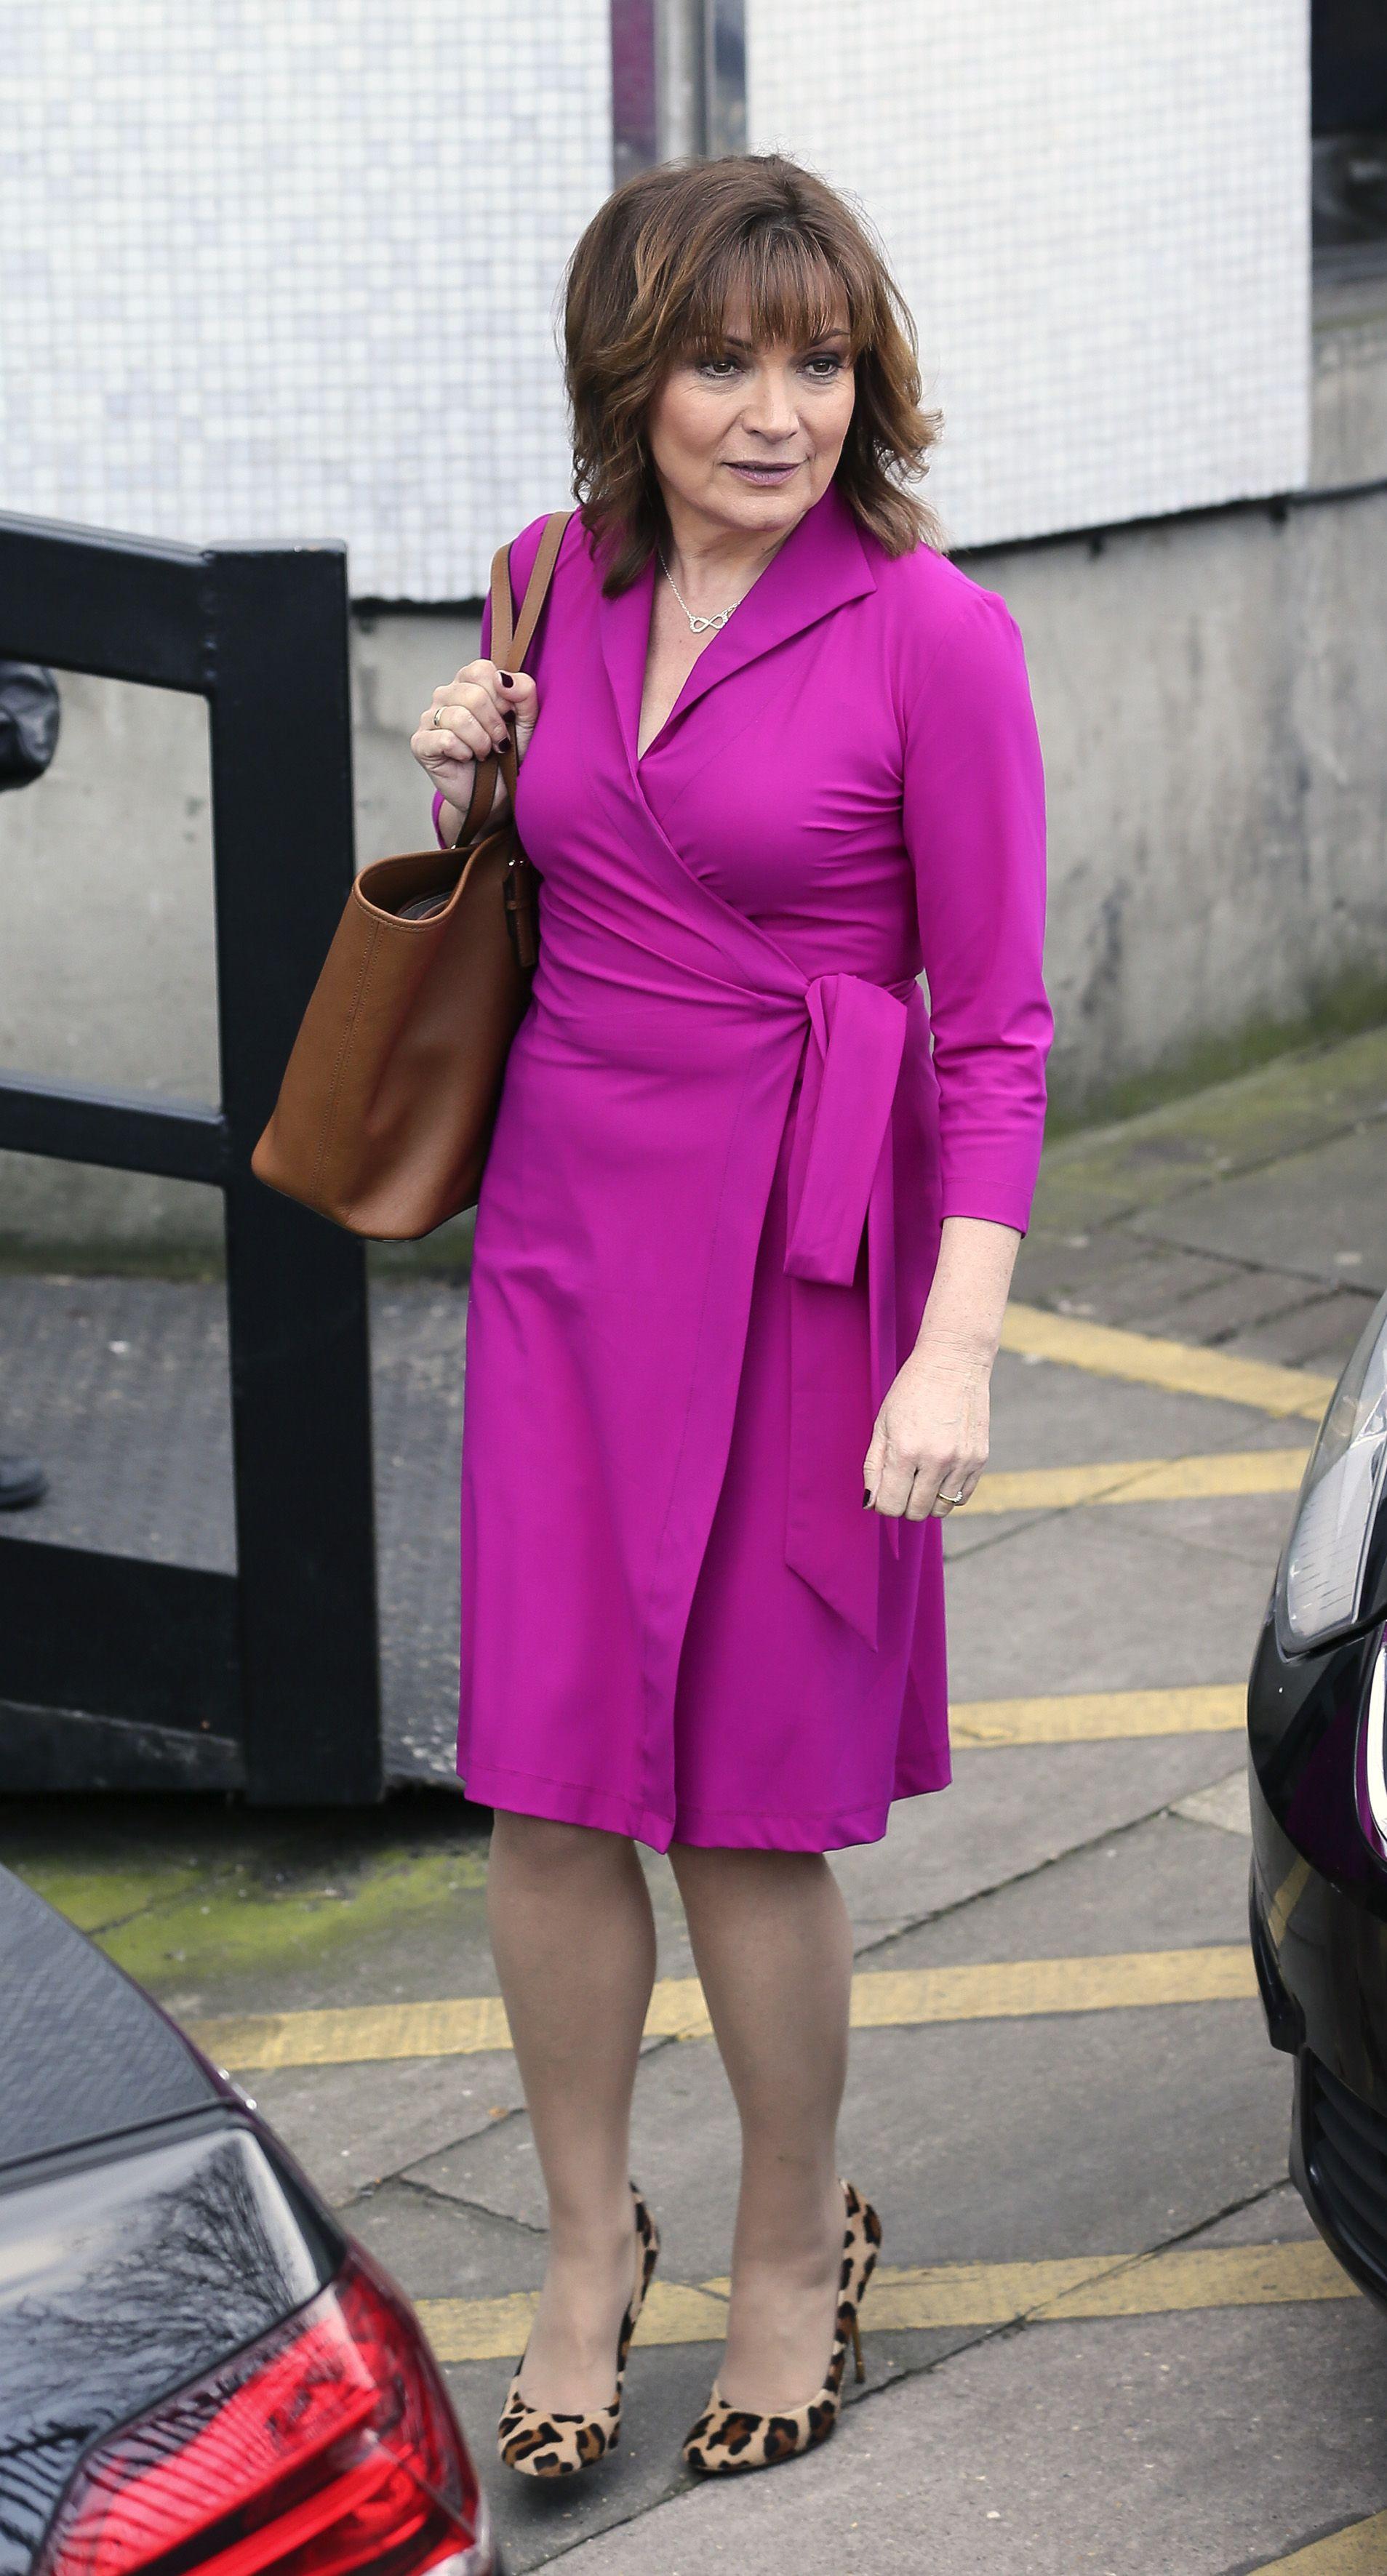 Lorraine Kelly Leaving The Itv Studios In London 10 03